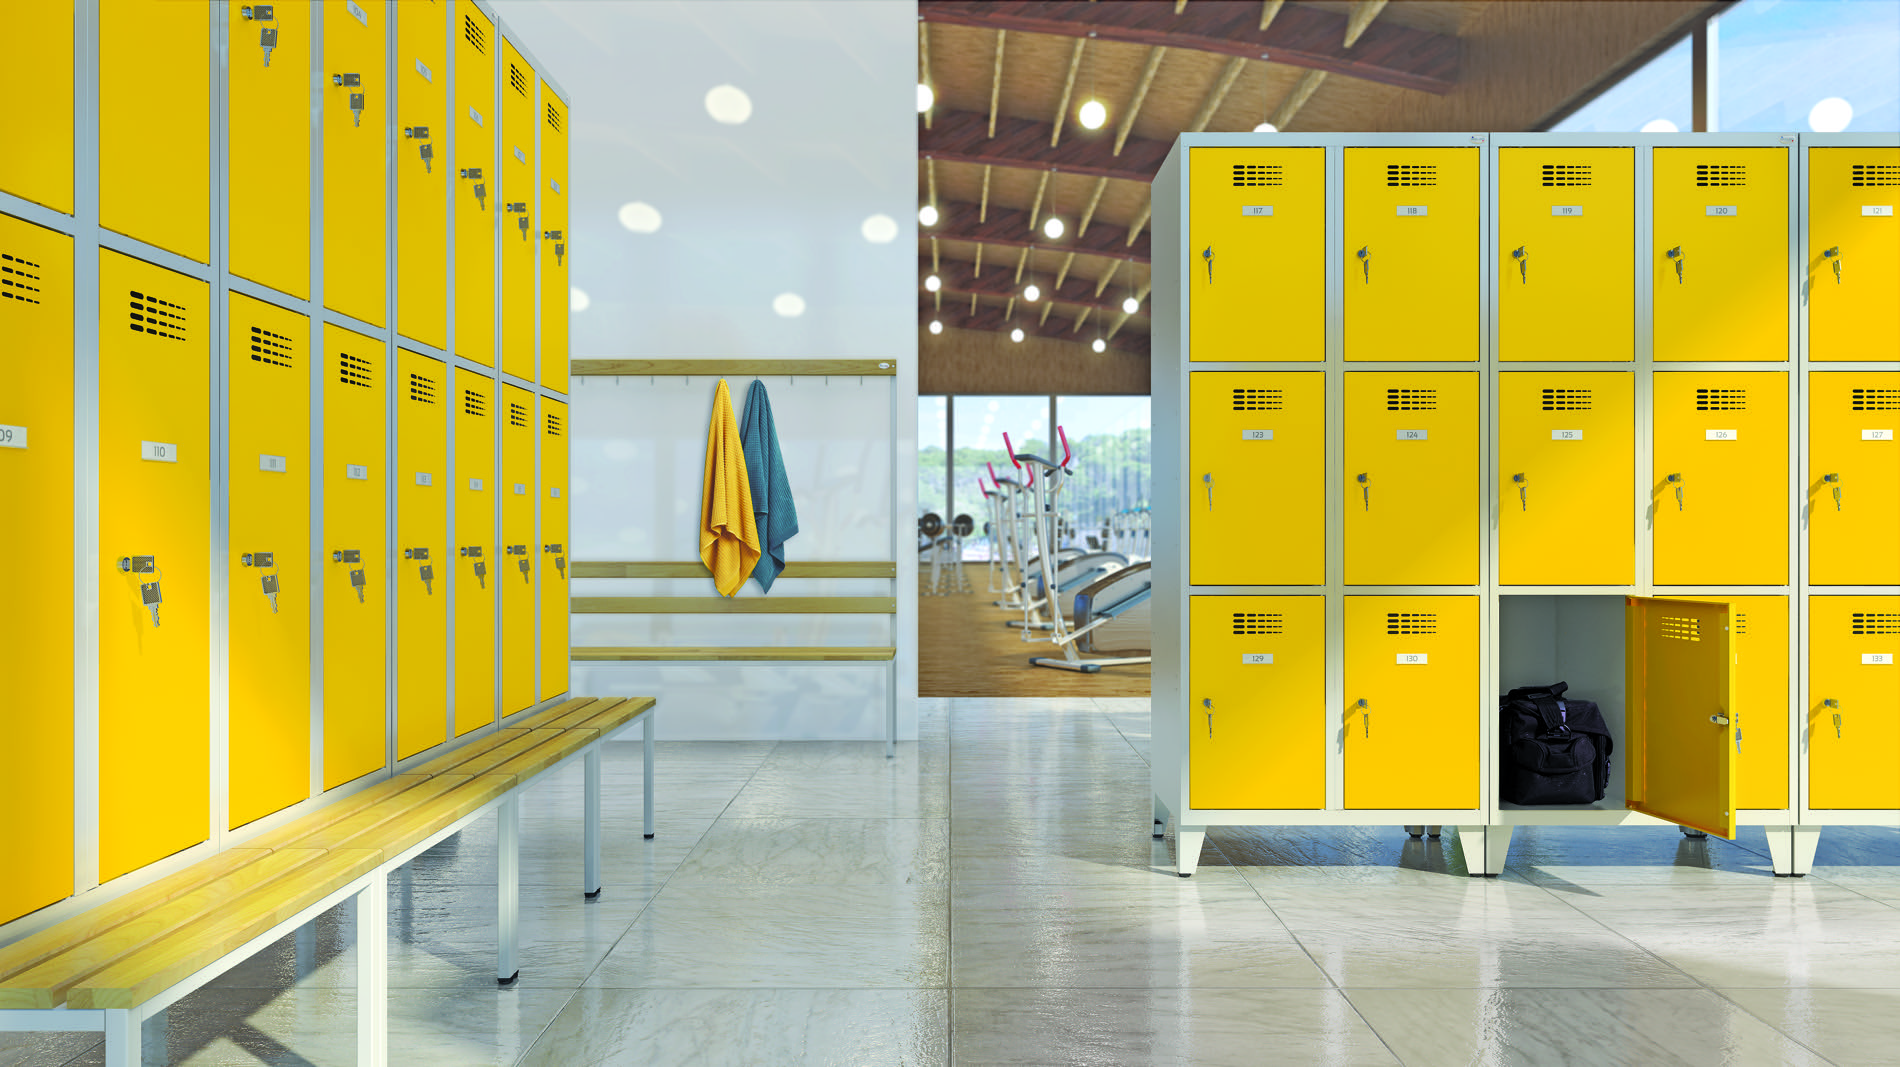 Stöckli Marroniofen multifunktional und praktisch im Stöckli online Shop für Haus, Küche & Garten.